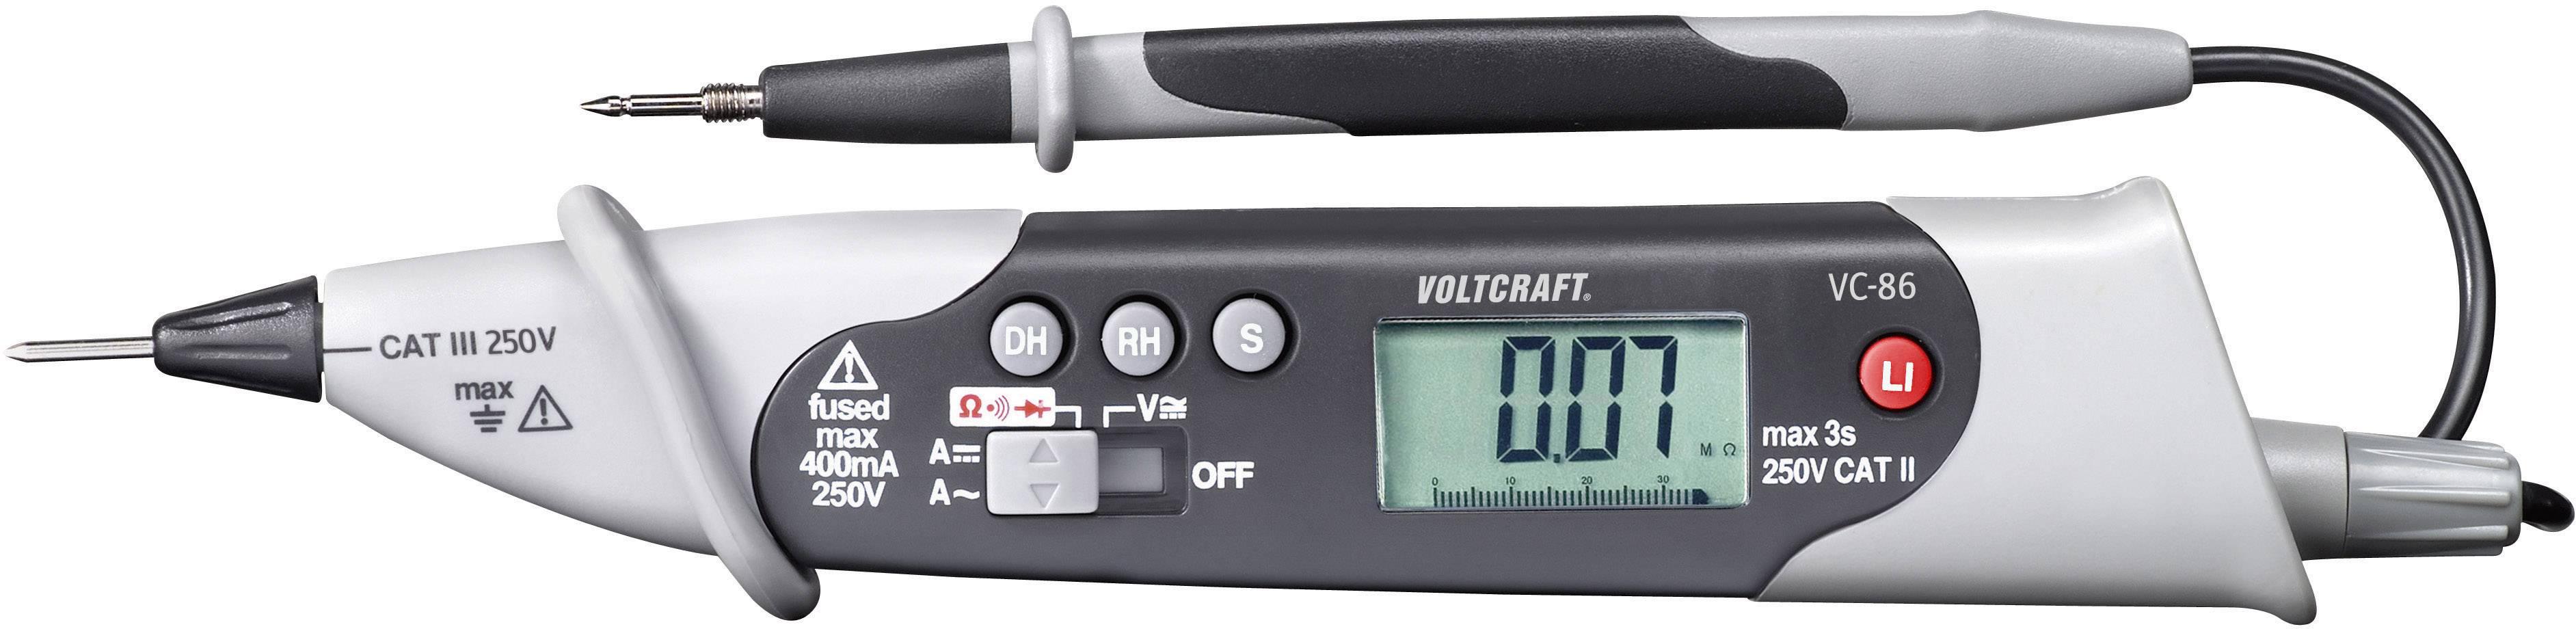 Digitální multimetr Pentype Voltcraft VC-86